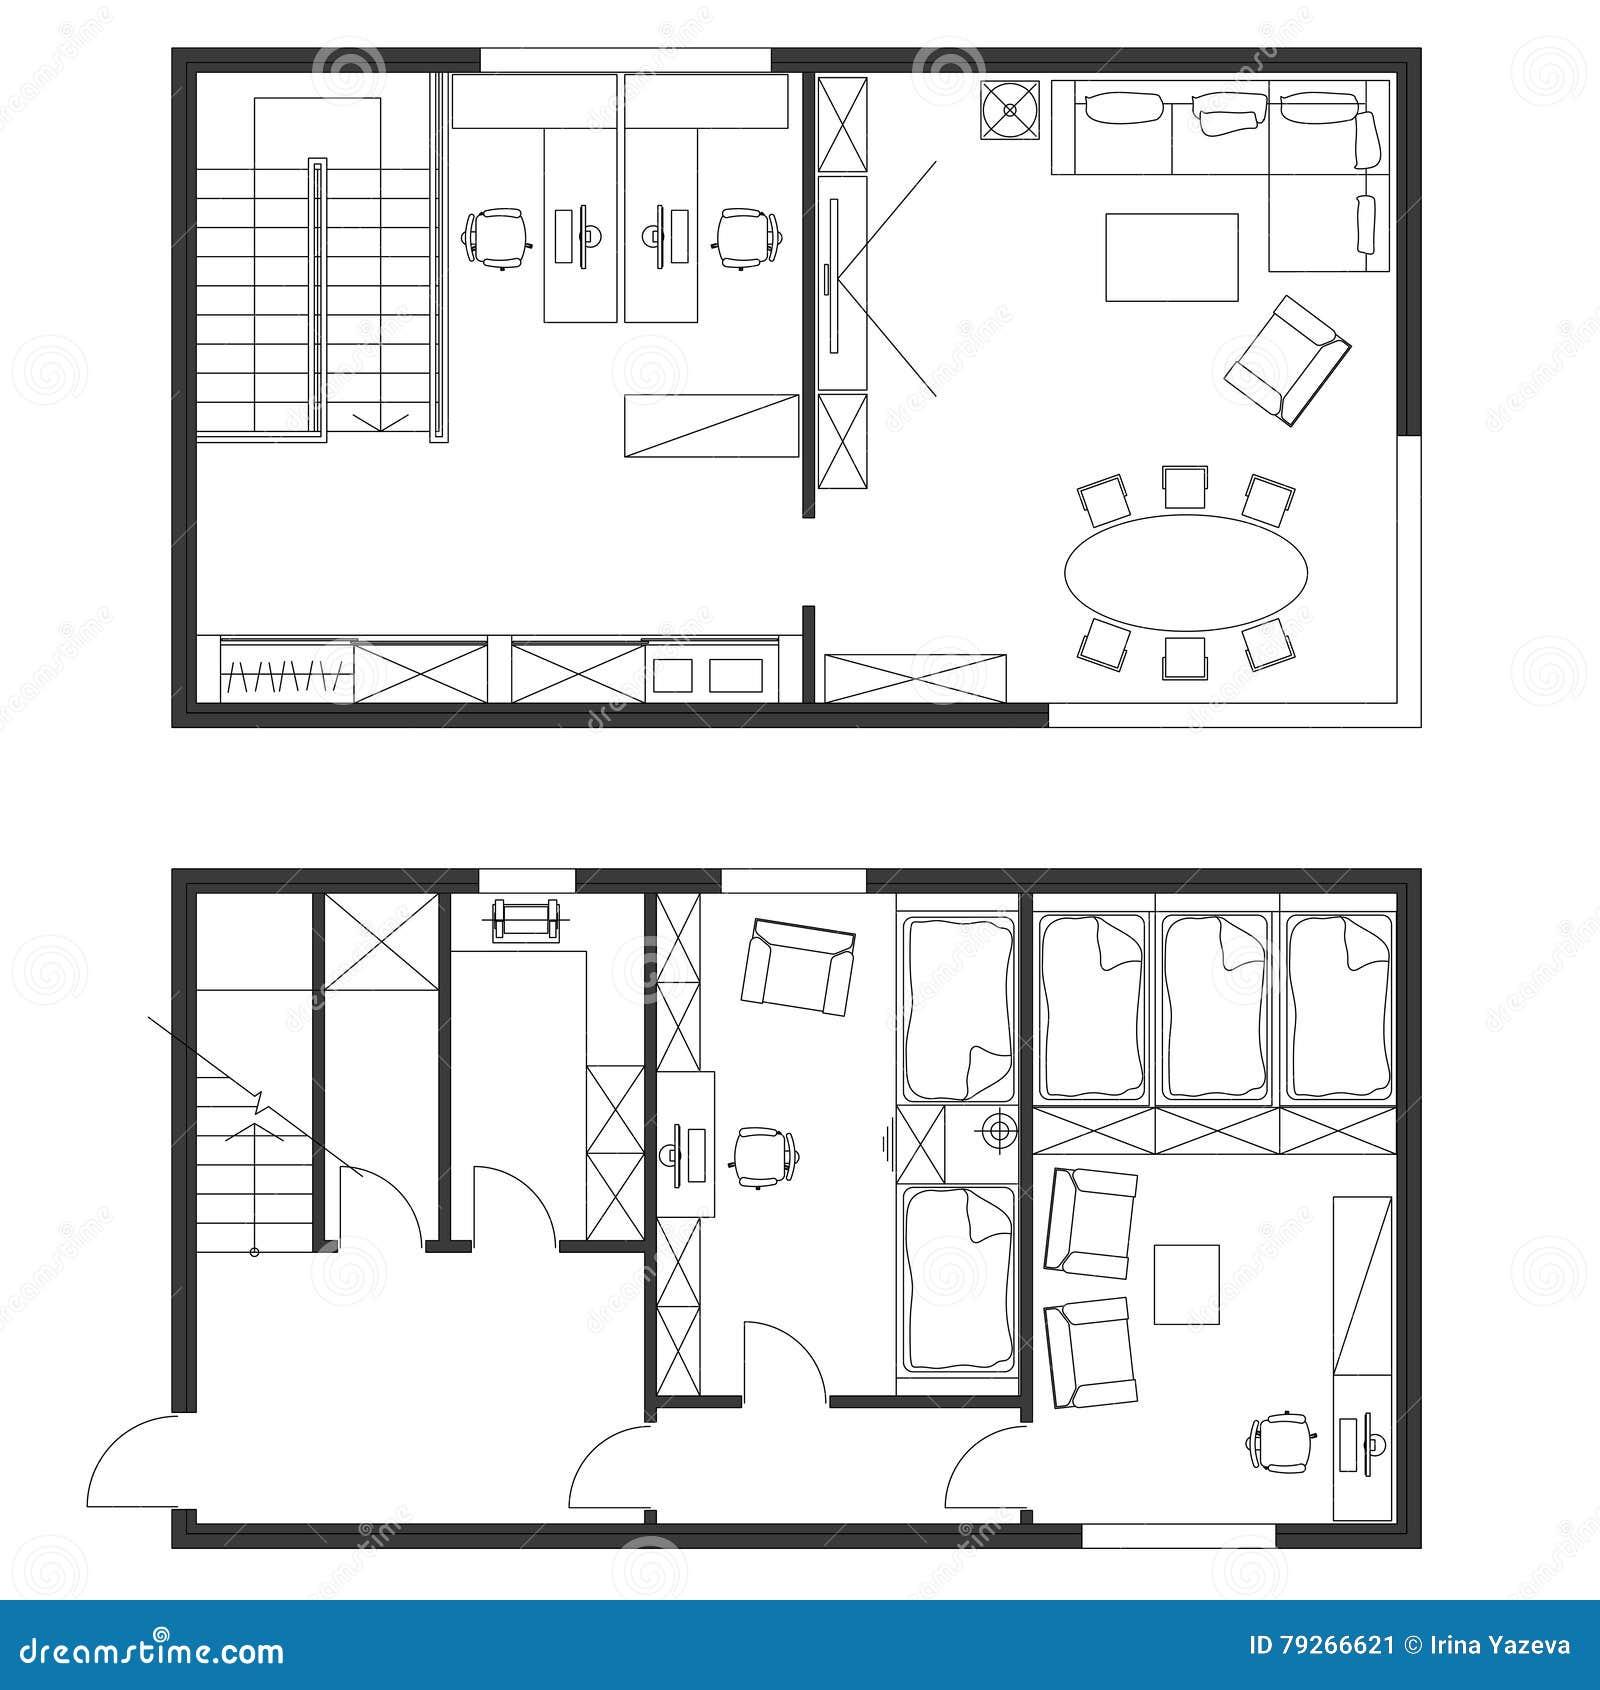 Standard office furniture symbols set stock vector for Web design blueprints